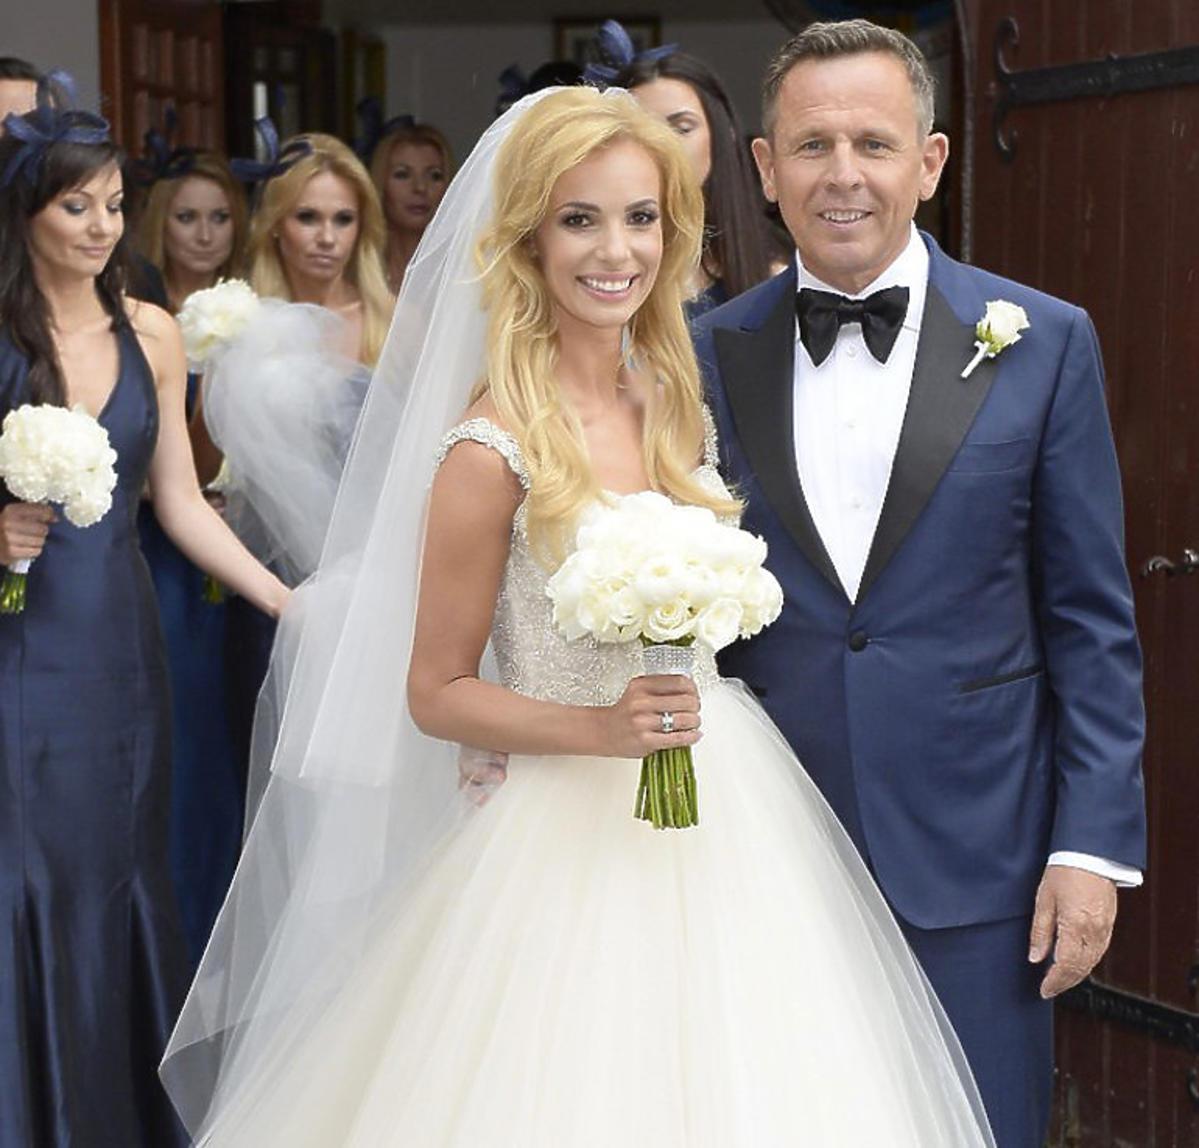 Izabela Janachowska na swoim ślubie z Krzysztofem Jabłońskim